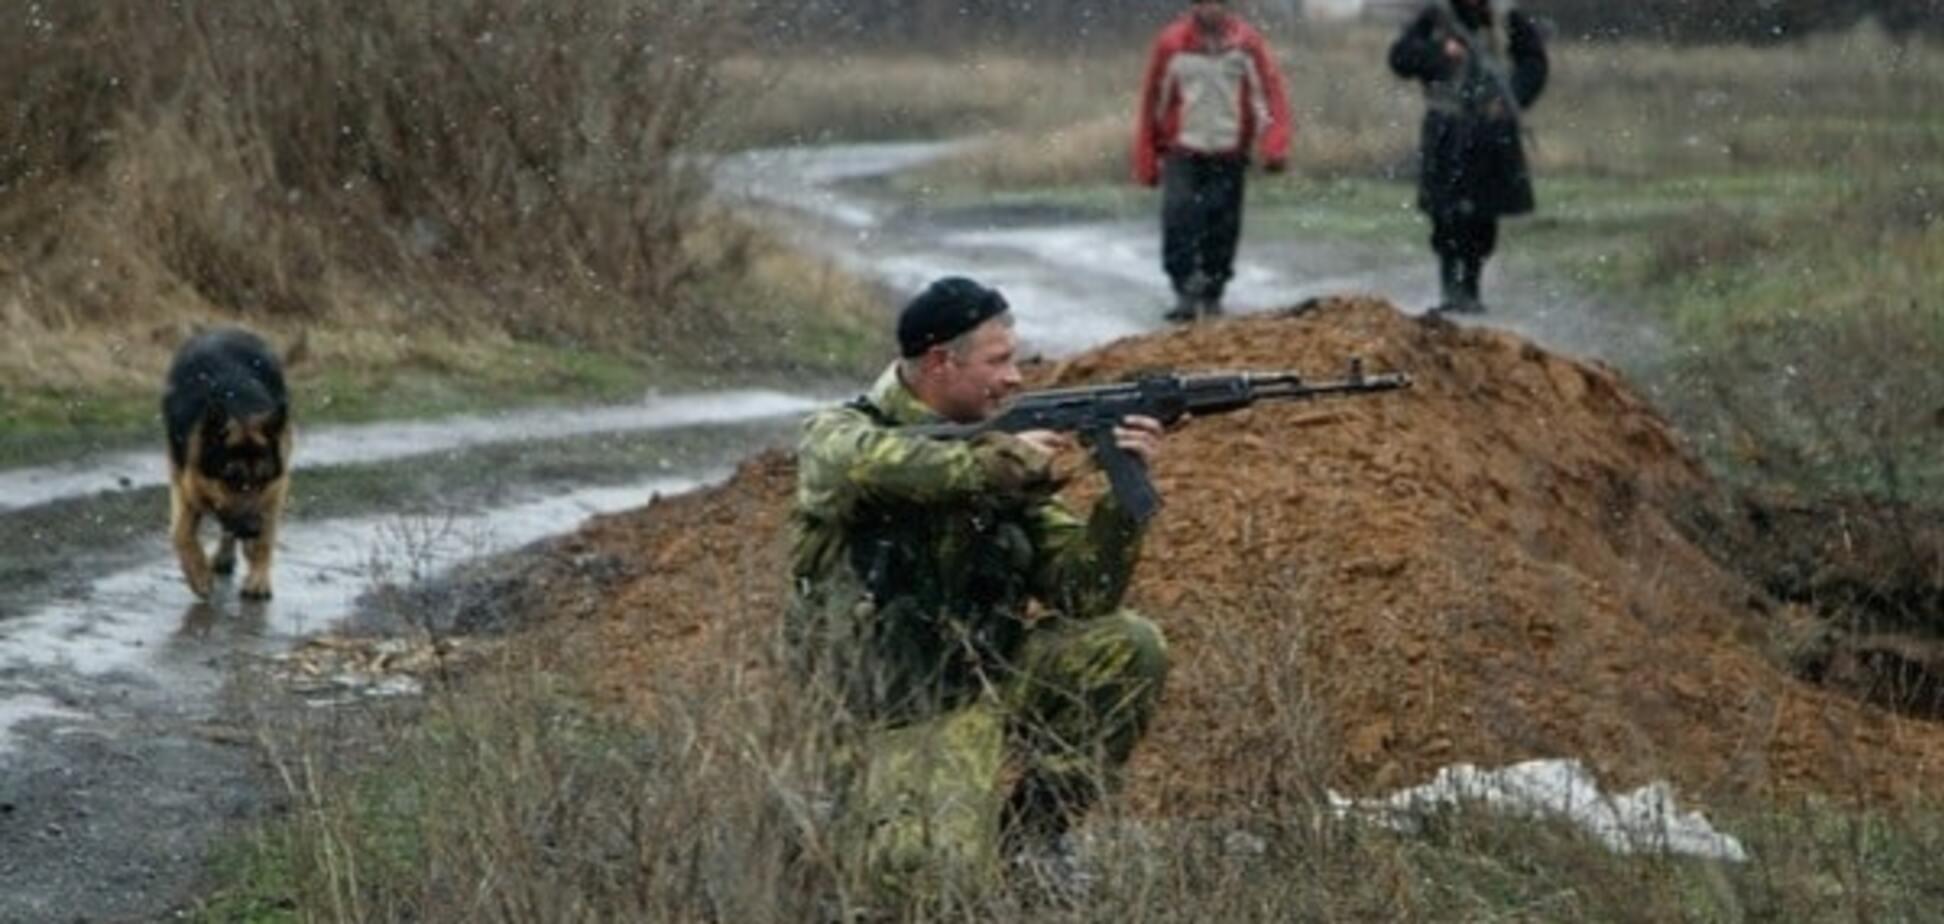 АТО: терористи розв'язали атаку з передмістя Донецька, ситуація складна